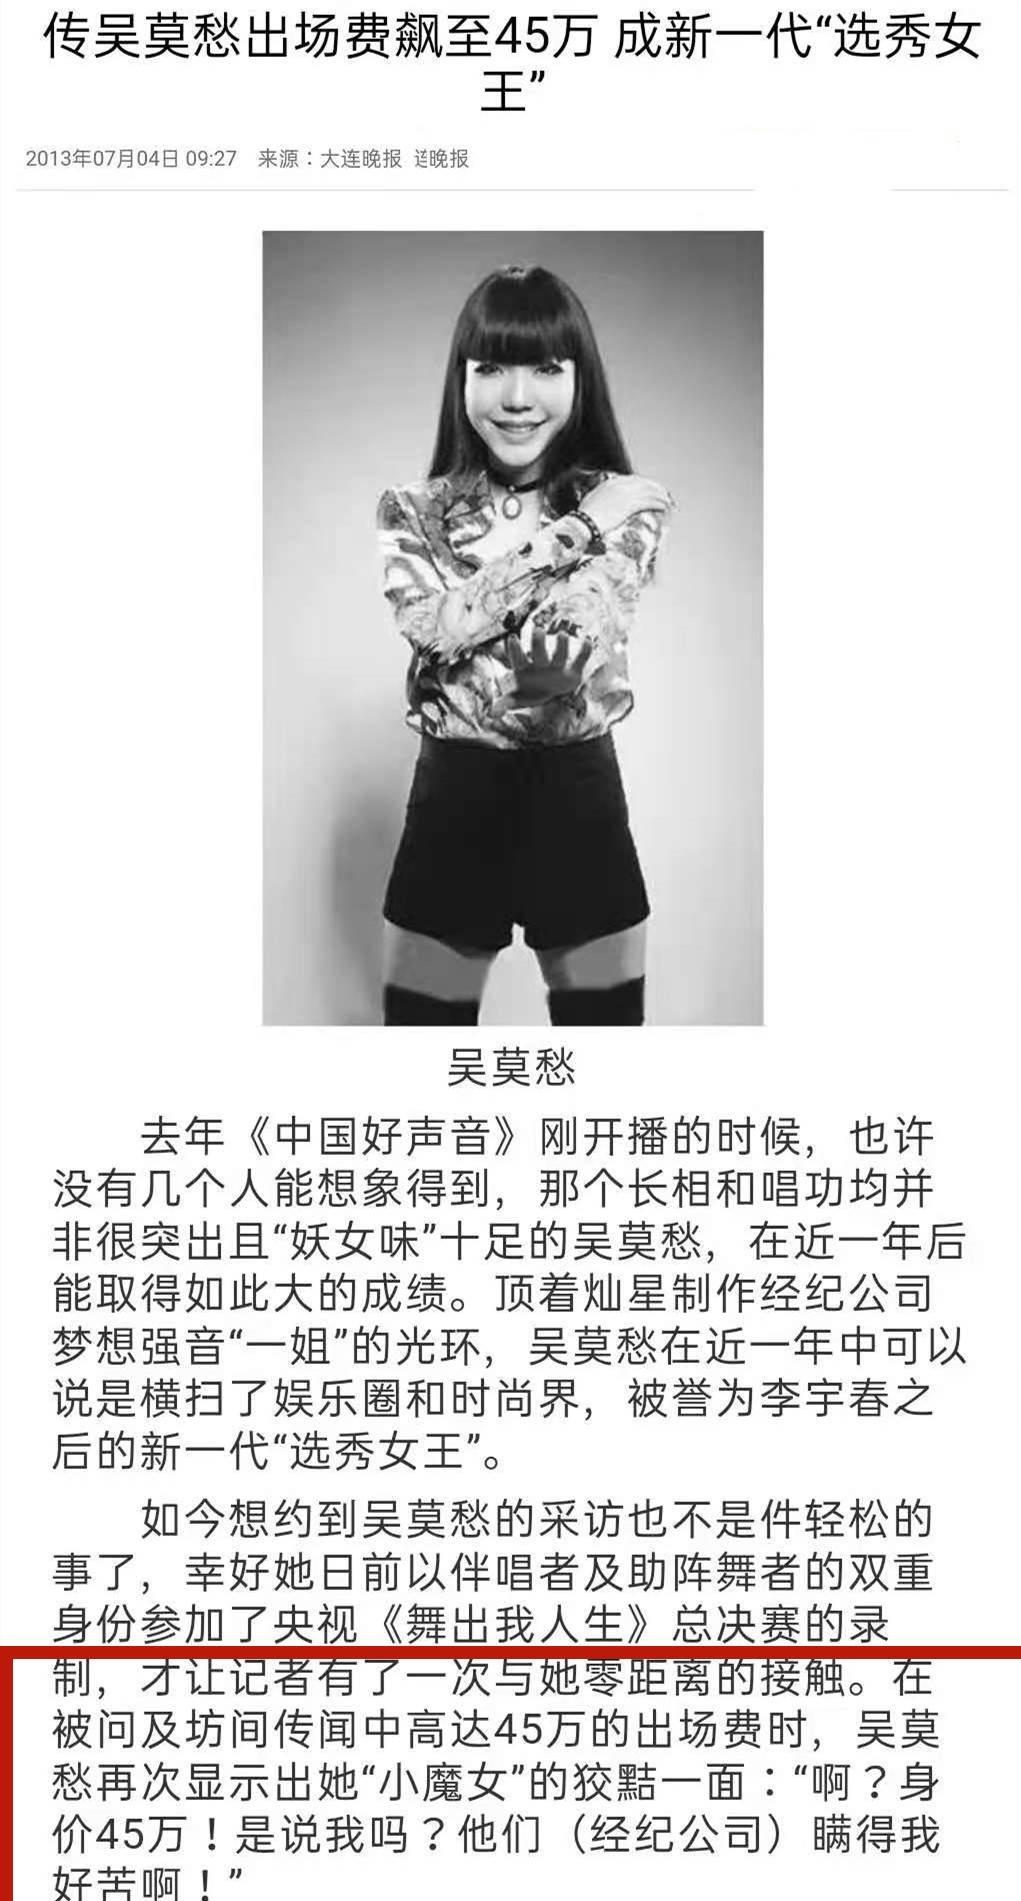 """图片[33]-吴莫愁重回《好声音》,从炙手可热到""""消失"""",她只用了4年时间-妖次元"""